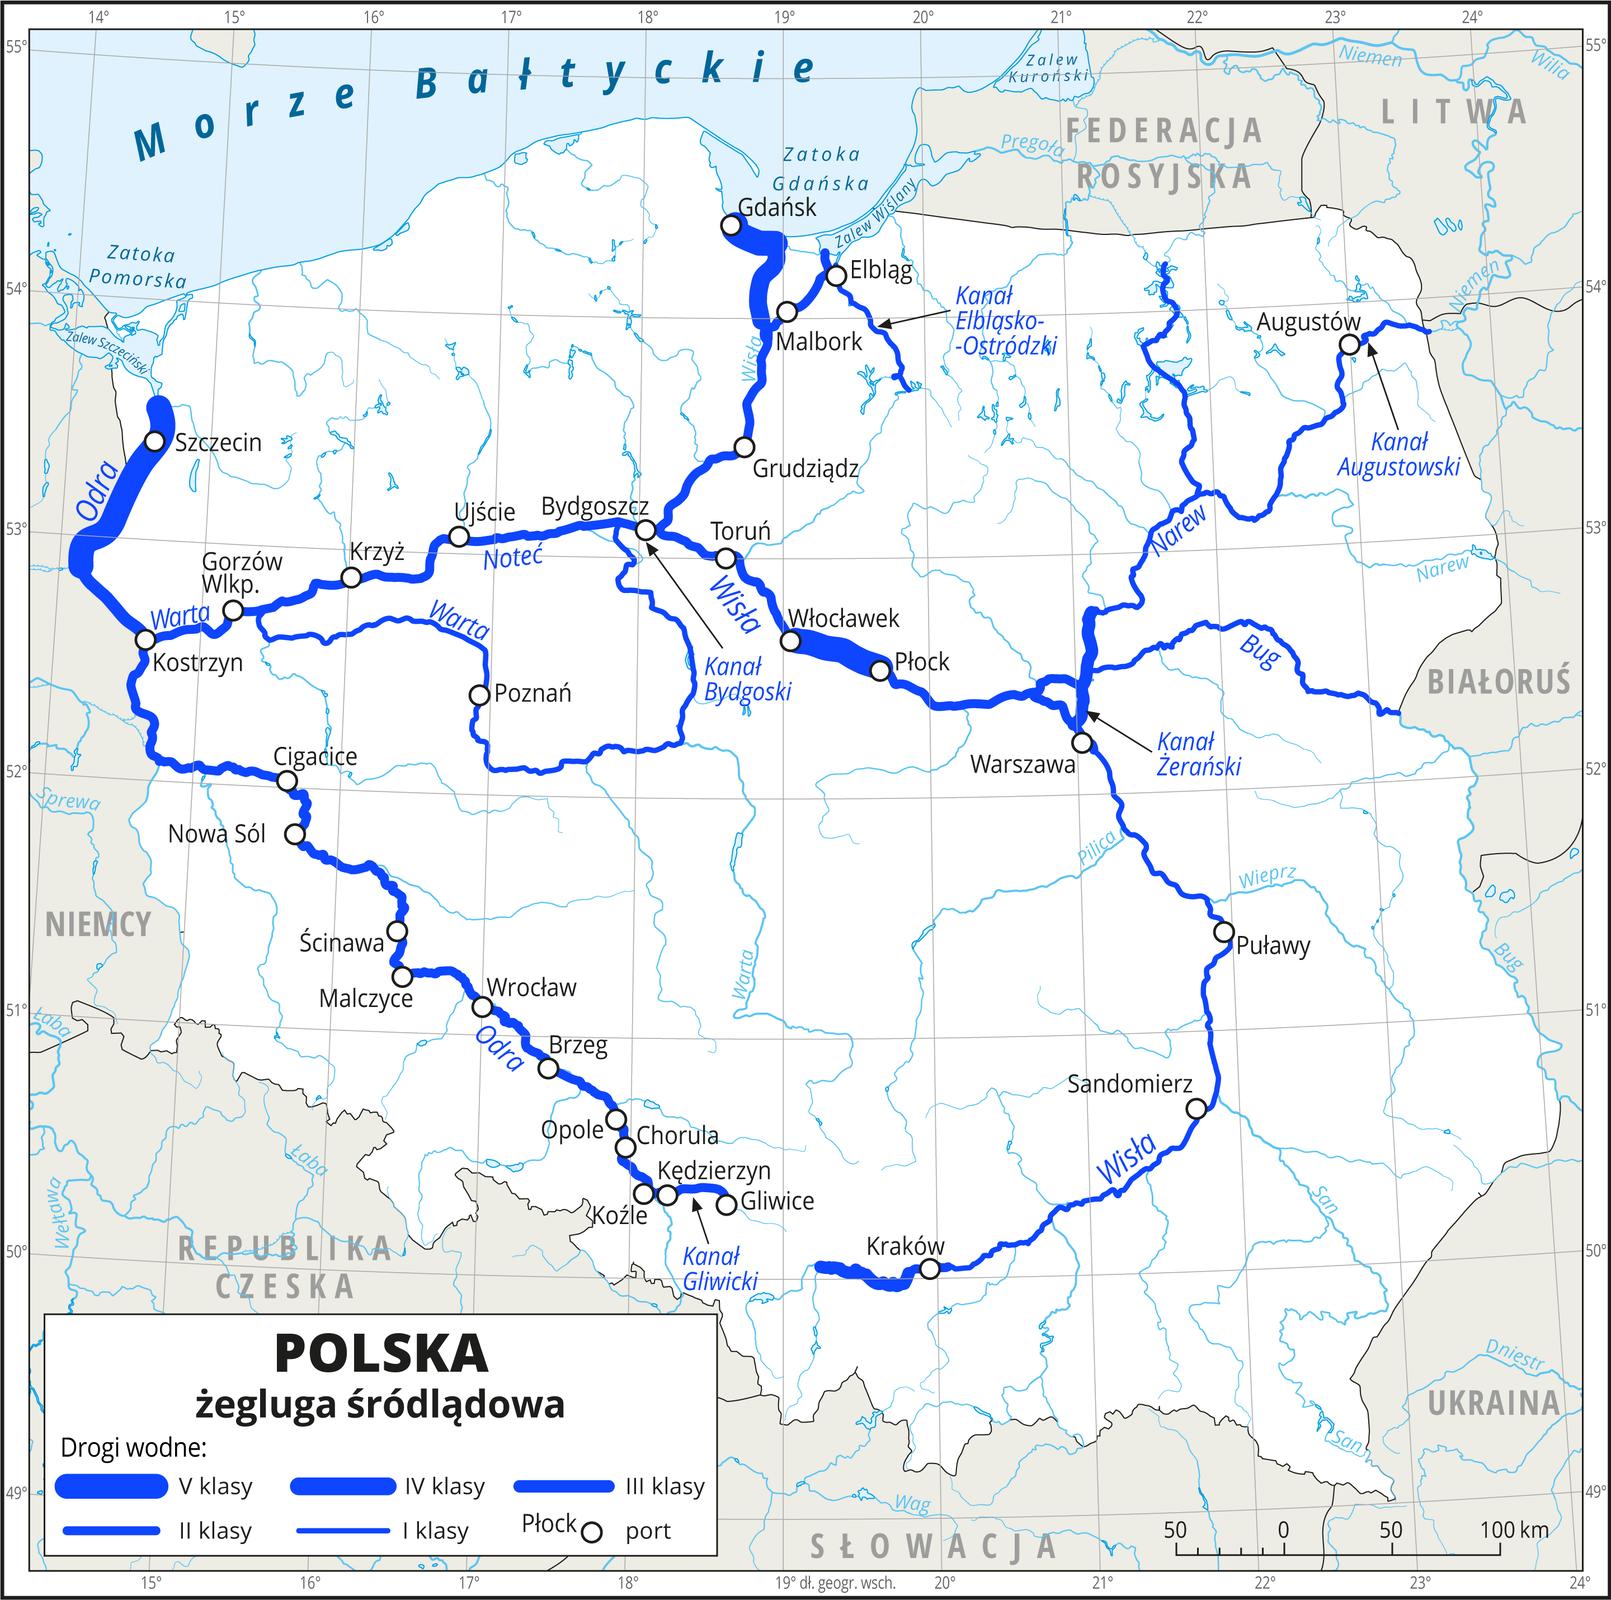 Ilustracja przedstawia mapę Polski. Na mapie niebieskimi liniami przedstawiono drogi wodne zpodziałem na klasy (szerokie – klasa czwarta ipiąta, wąskie – klasy jeden, dwa, trzy). Białymi kółkami zaznaczono miasta portowe. Strzałkami wskazano kanały iopisano ich nazwy. Drogi wodne przebiegają głównymi rzekami, zasadniczo najszersze są uujść. Mapa pokryta jest równoleżnikami ipołudnikami. Dookoła mapy wbiałej ramce opisano współrzędne geograficzne co jeden stopień.